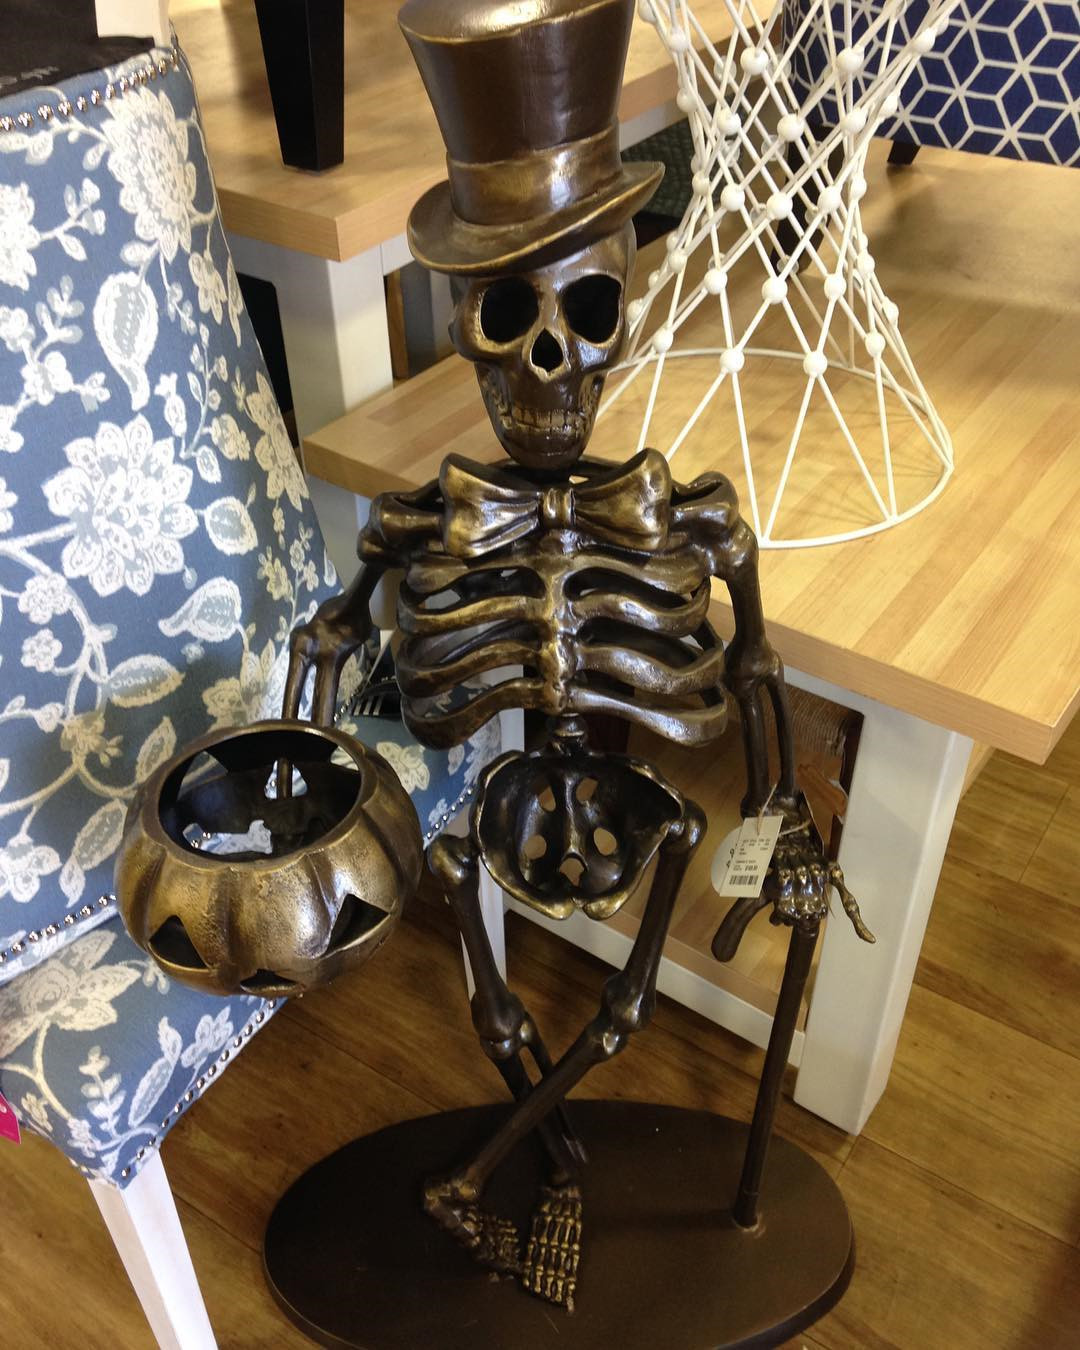 56 Cool Outdoor Halloween Decorations Ideas #halloweenoutdoordecor #Halloween